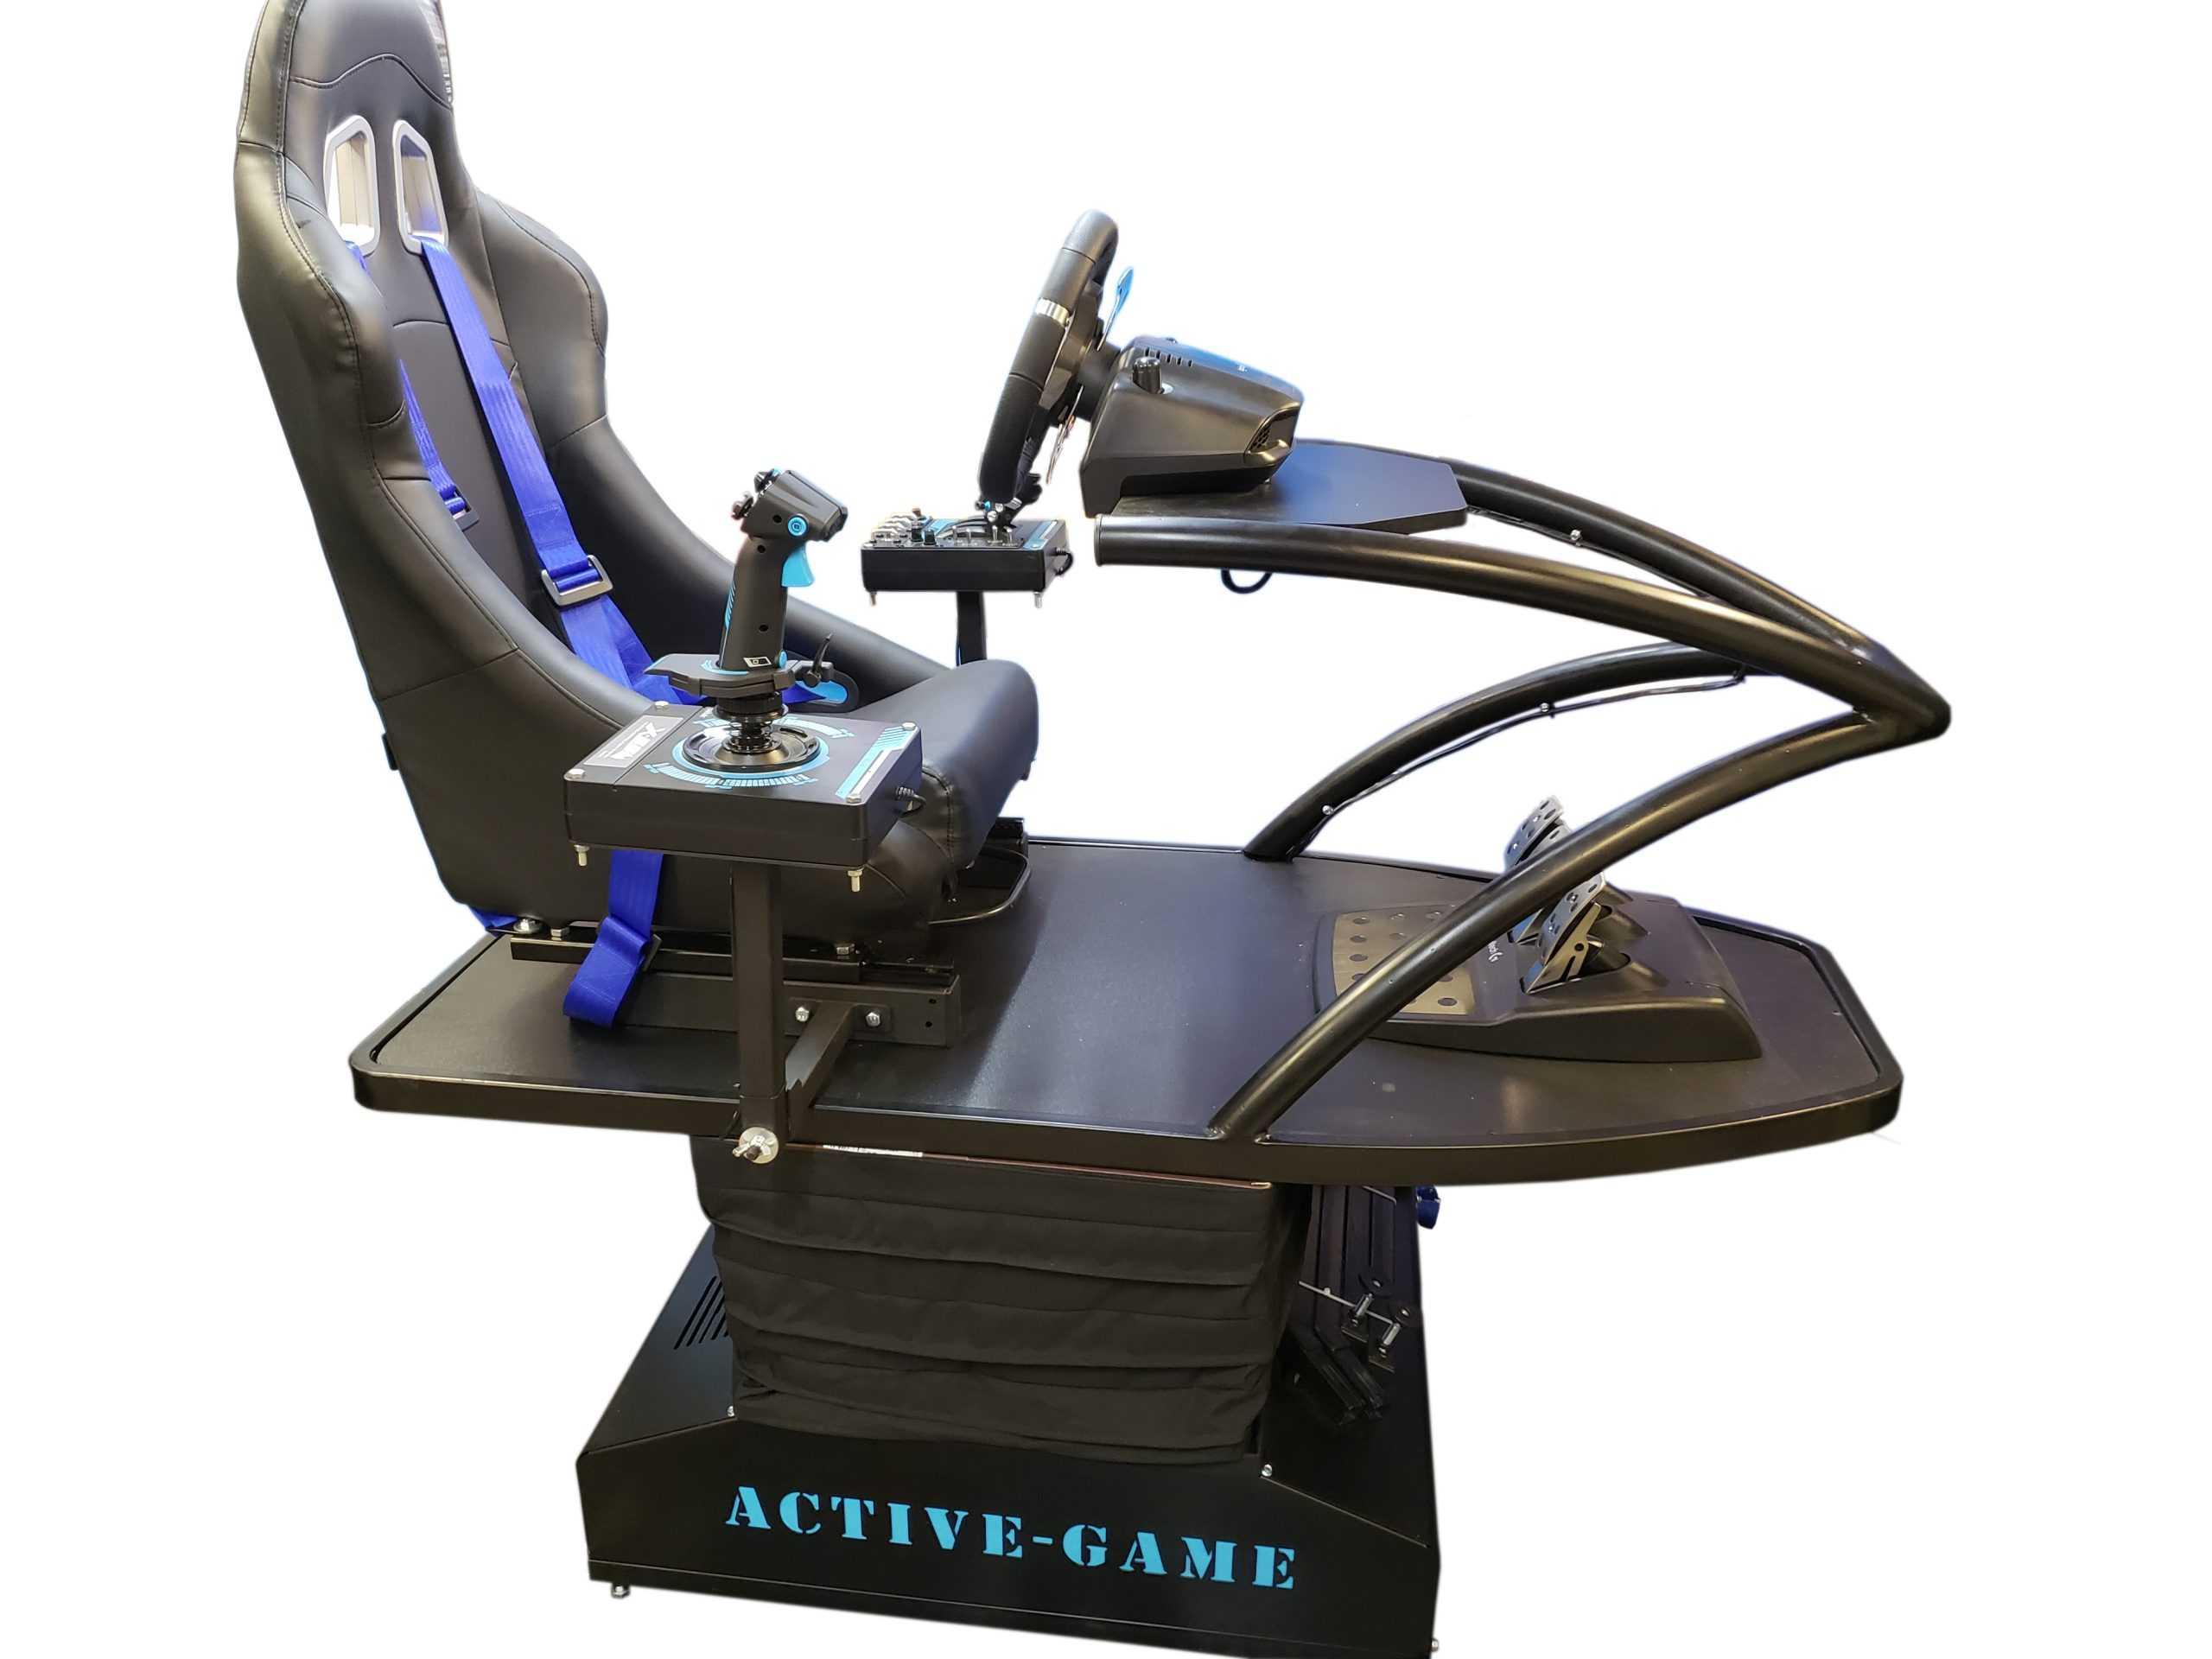 Supersim_Blue_4 Full motion flight simulator 2dof, 3dof,4dof,6dof motion platform